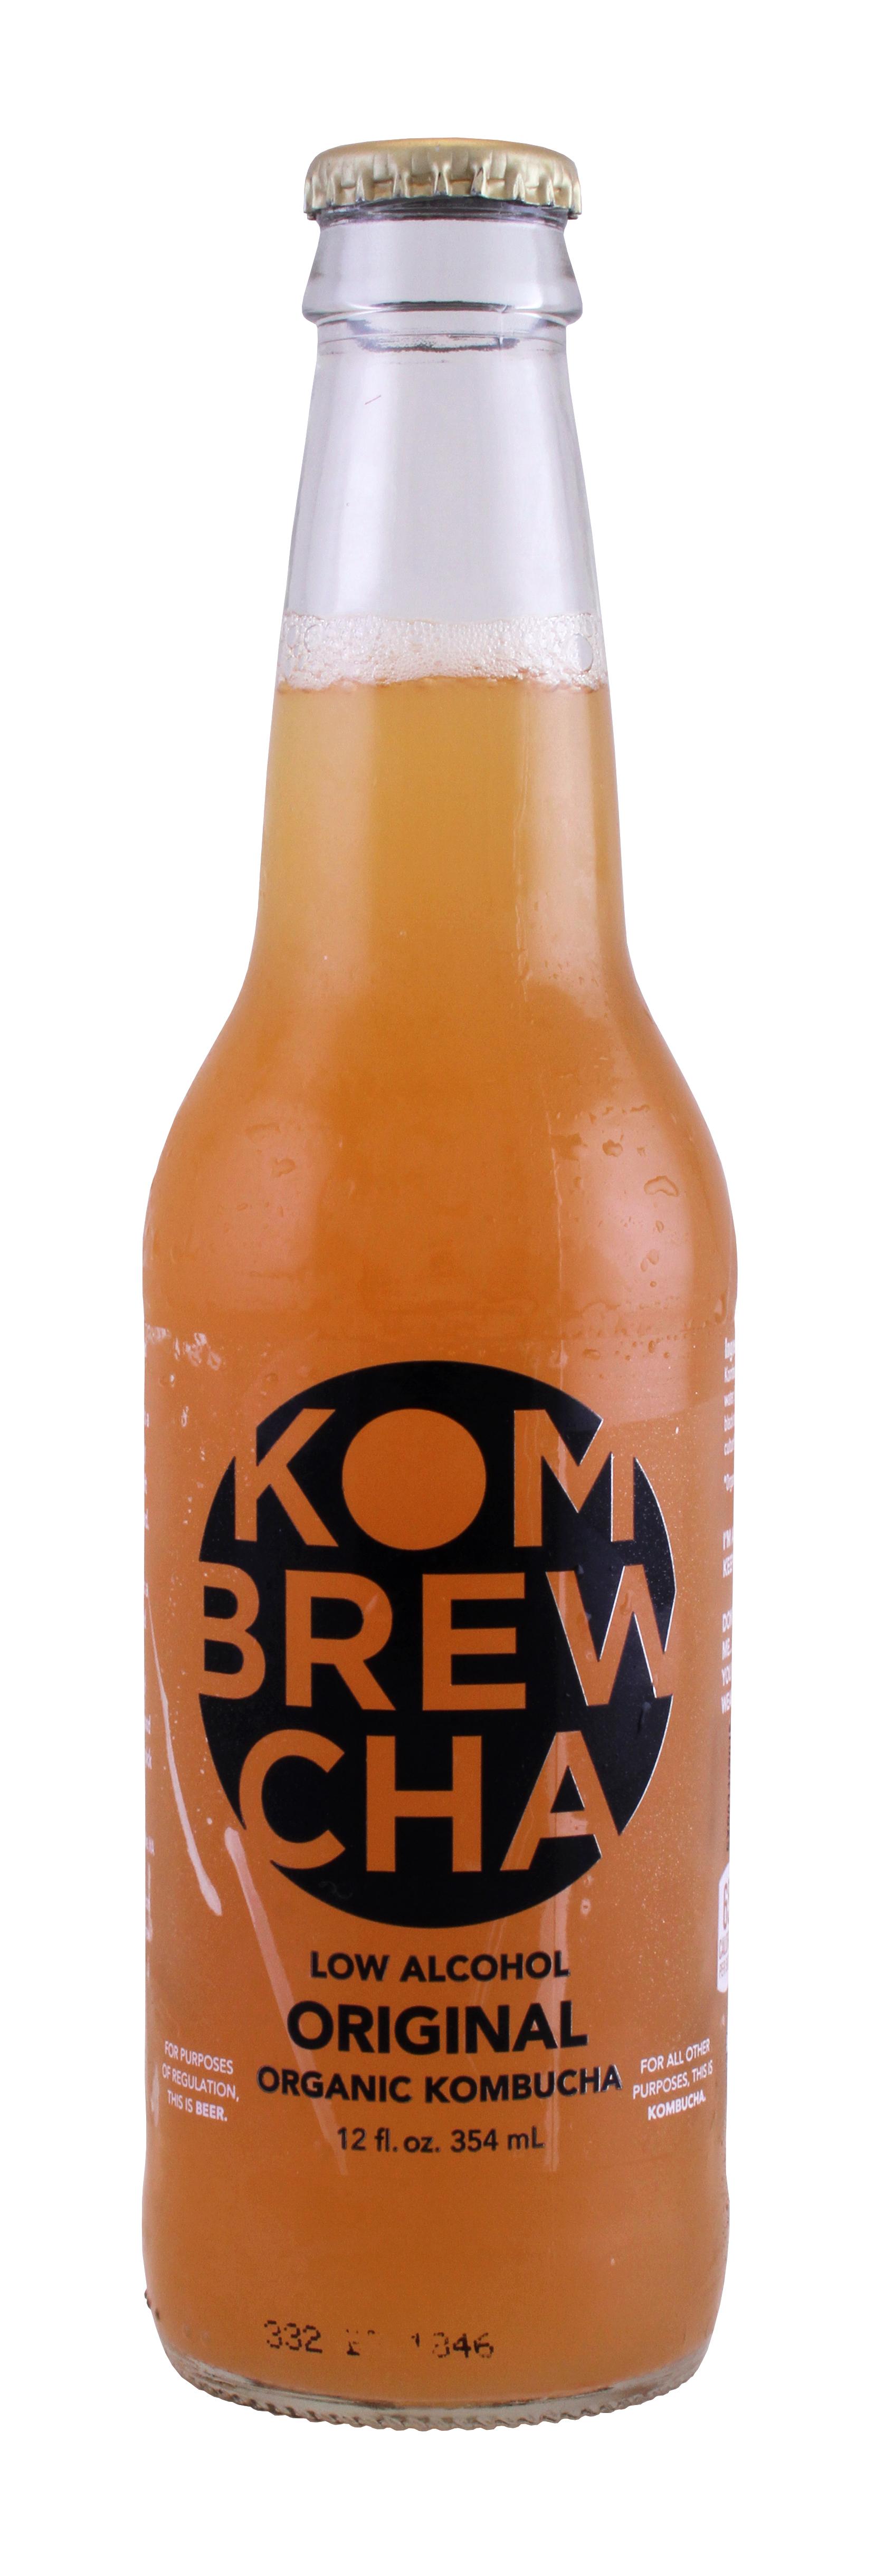 KomBrewCha: KomBrewCha Original Front